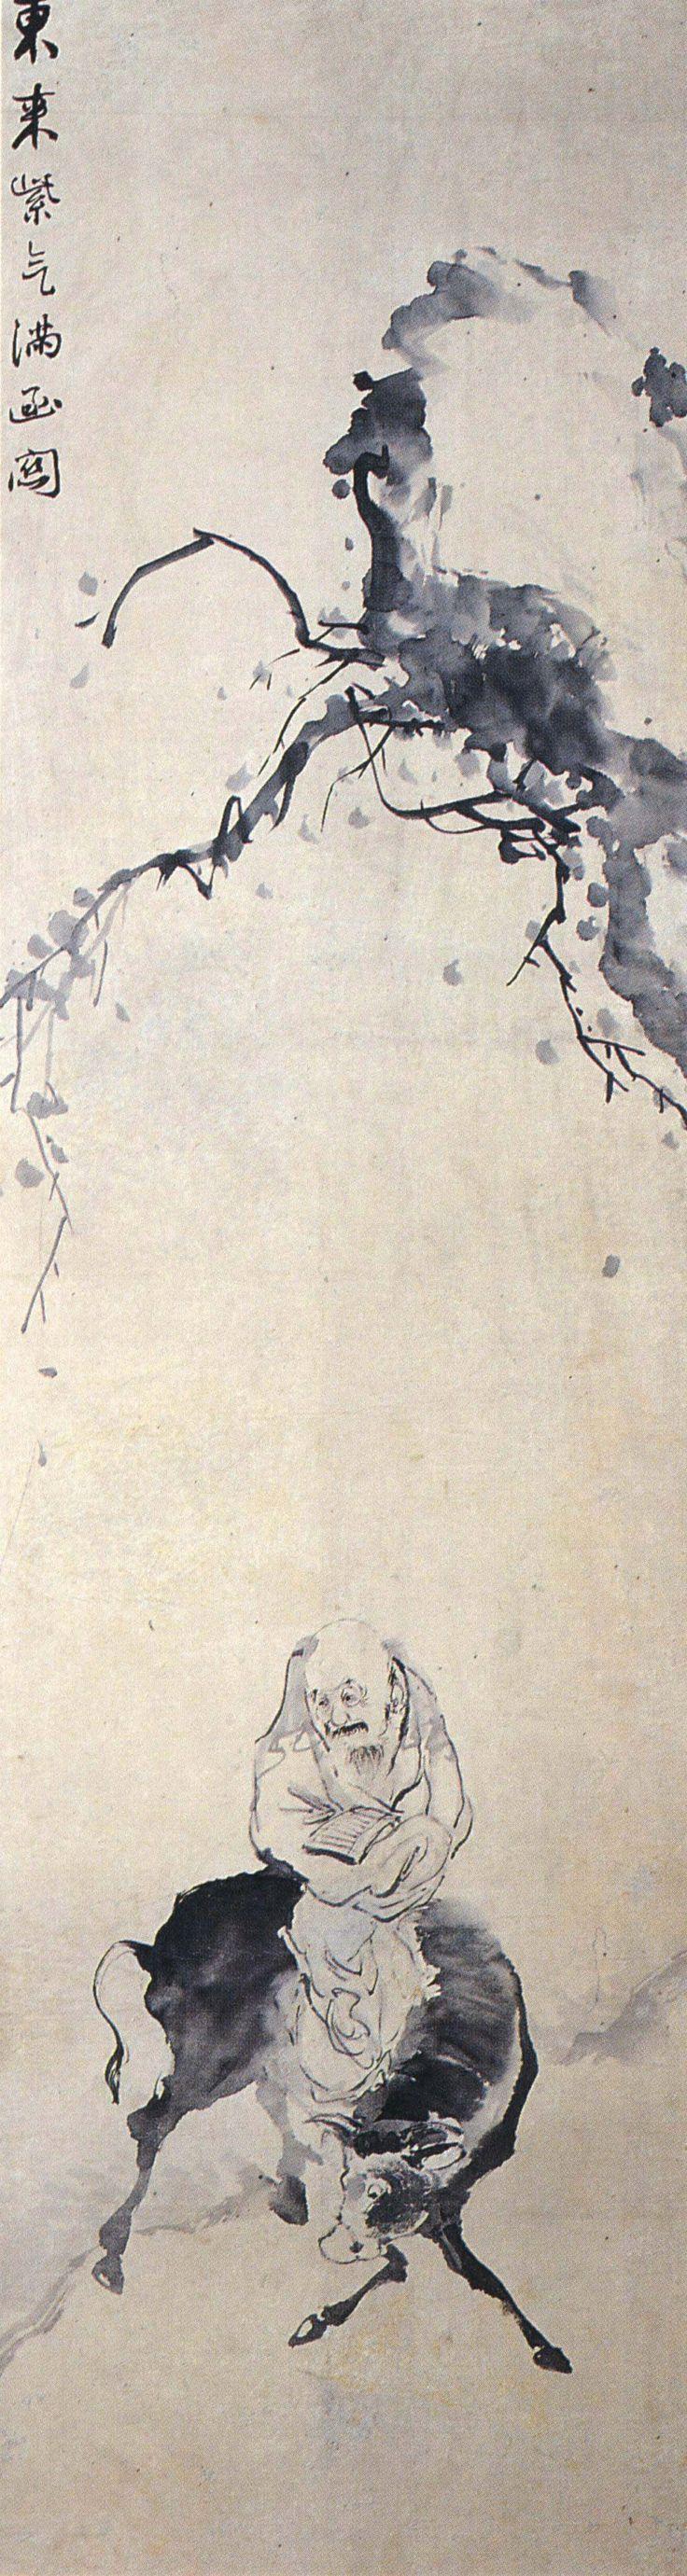 오원 장승업 (1843-1897), 1879년 작, 지본수묵.